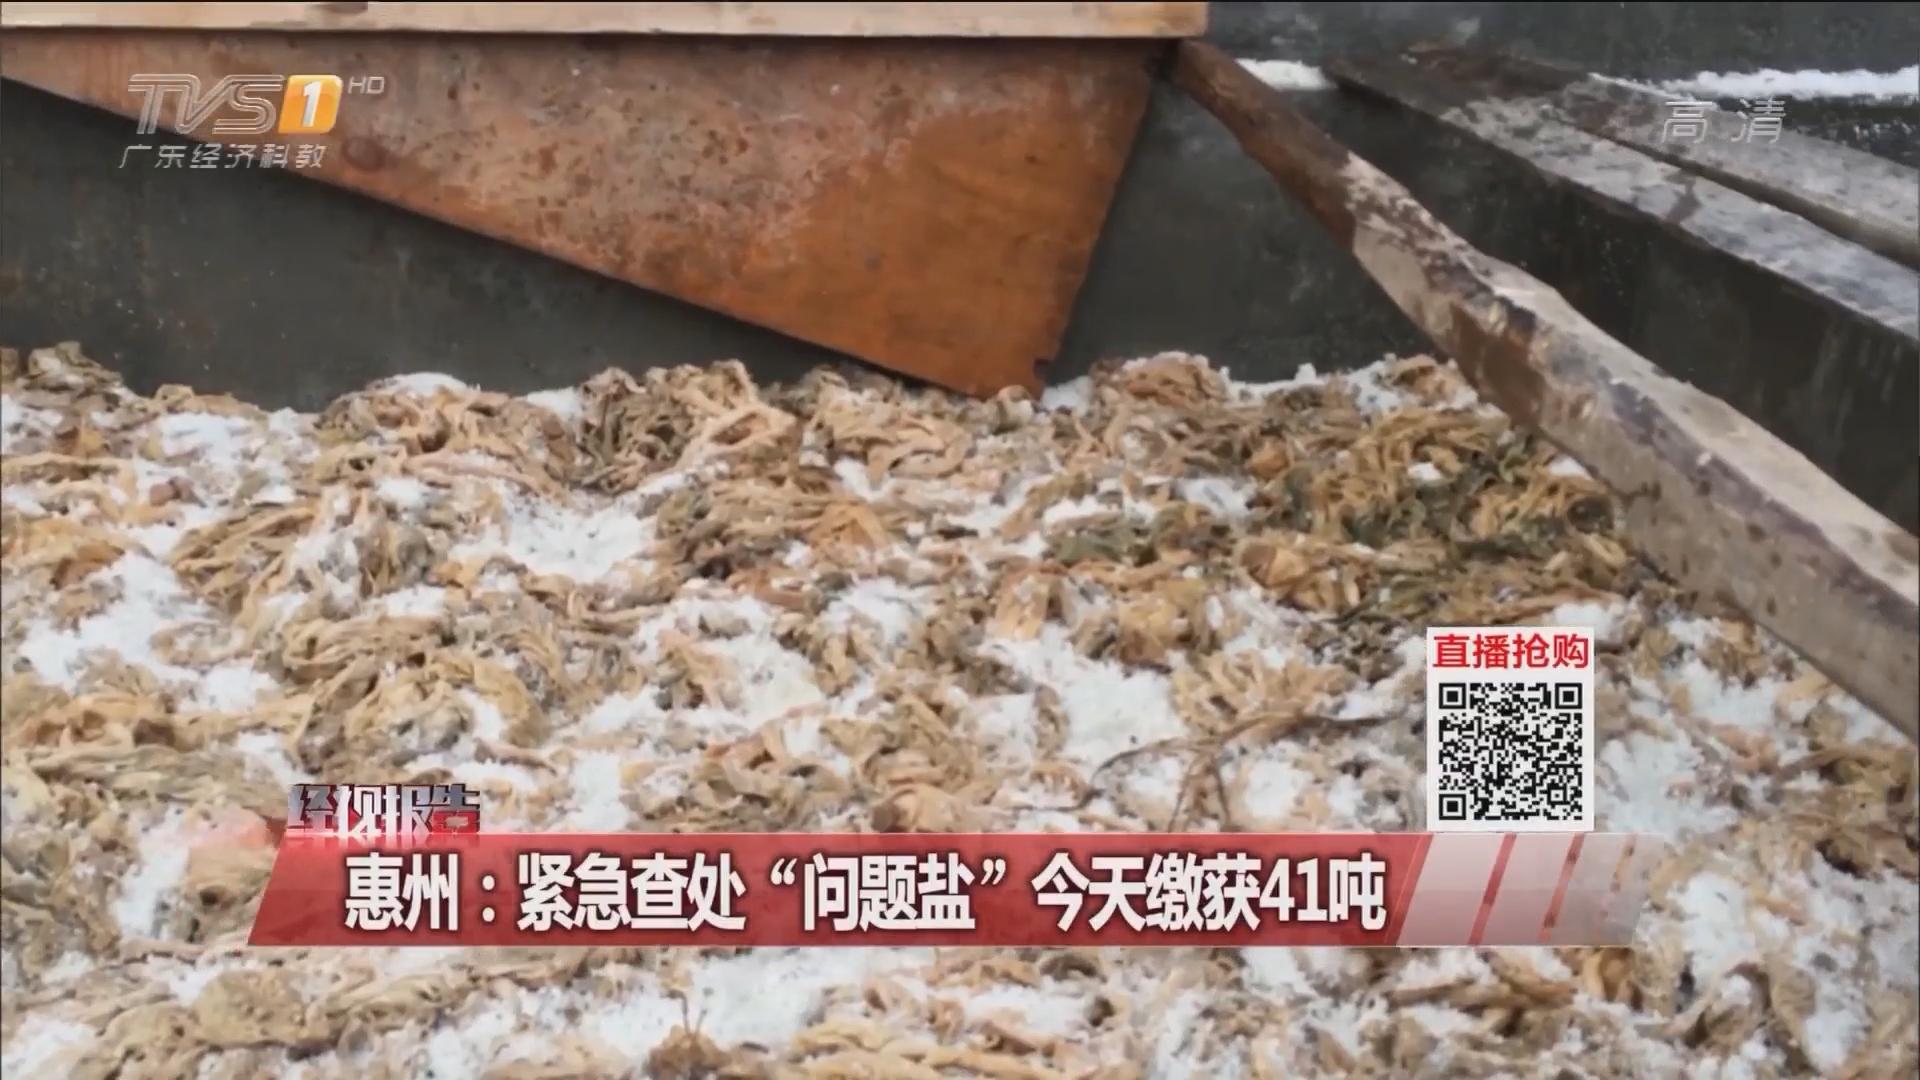 """惠州:紧急查处""""问题盐""""今天缴获41吨"""